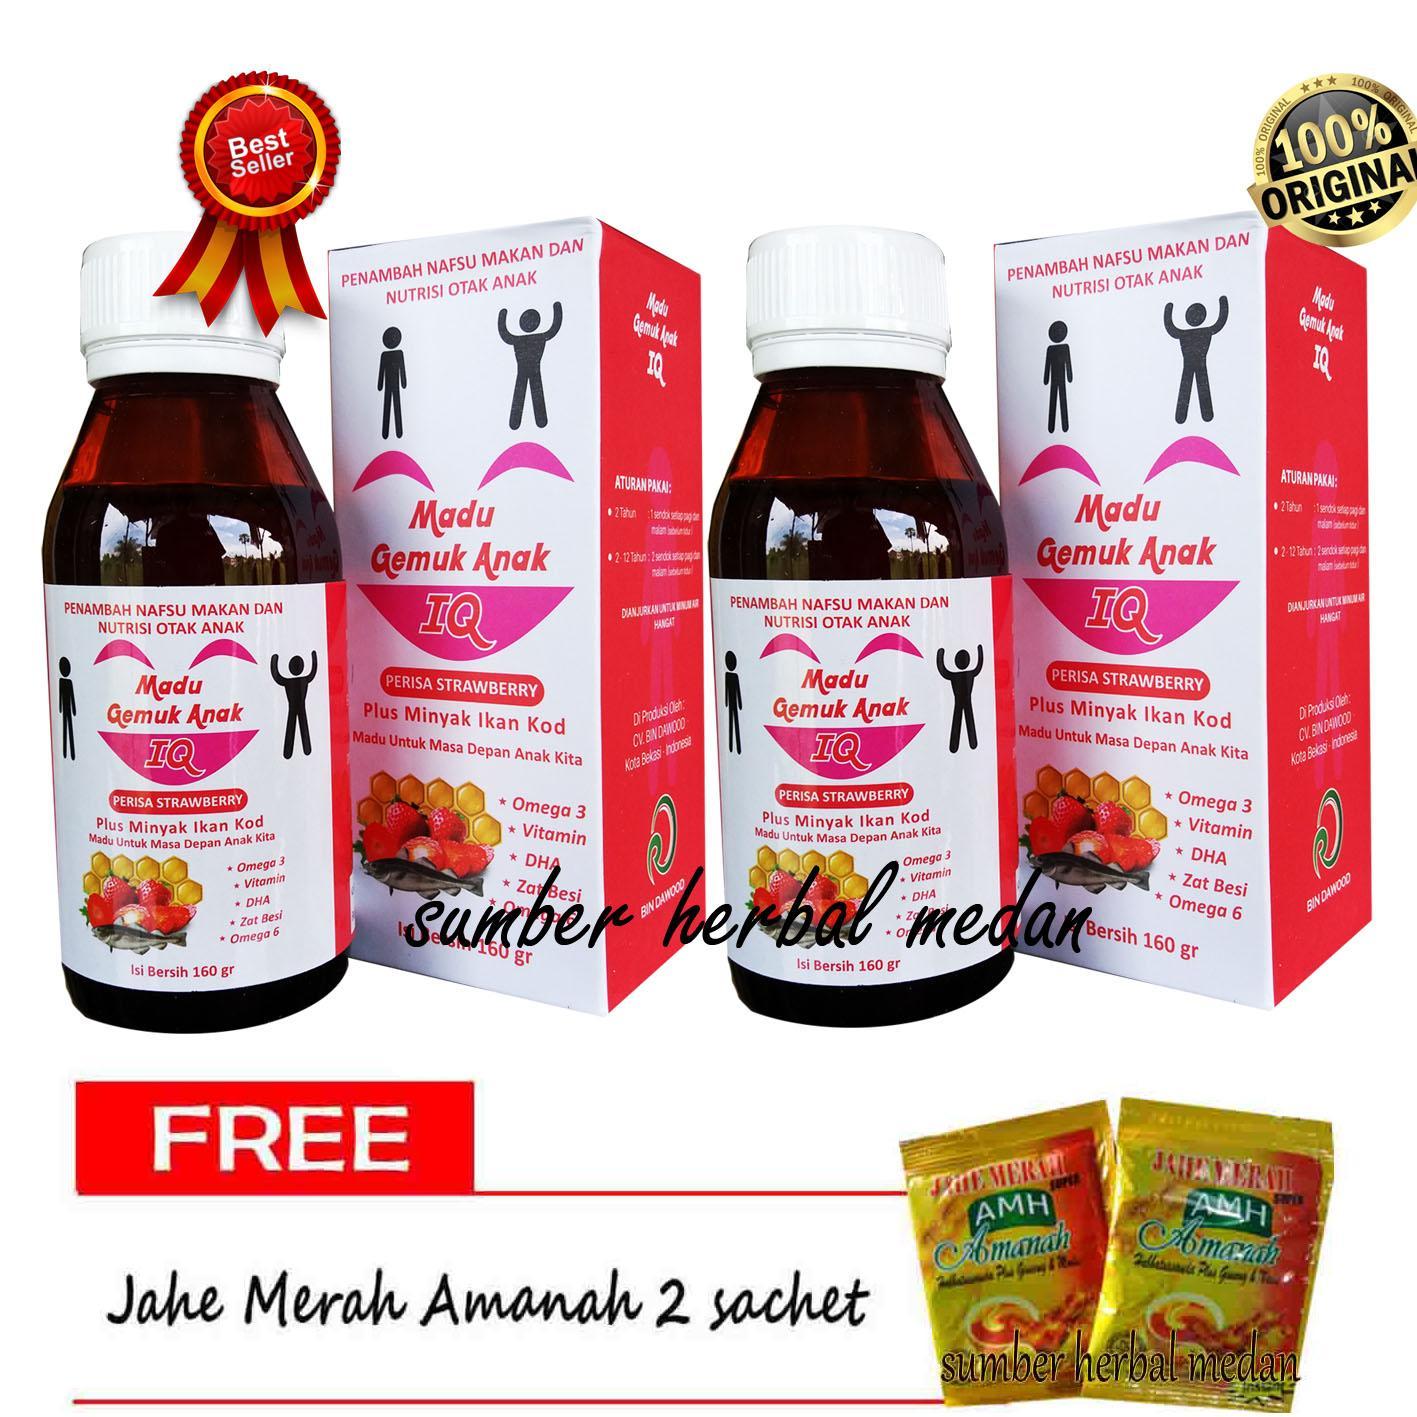 Info Harga Scotts Emulsion Kapsul Minyak Ikan Kod Murah Madu Gemuk Anak Iq Plus Rasa Strawberry 2 Botol